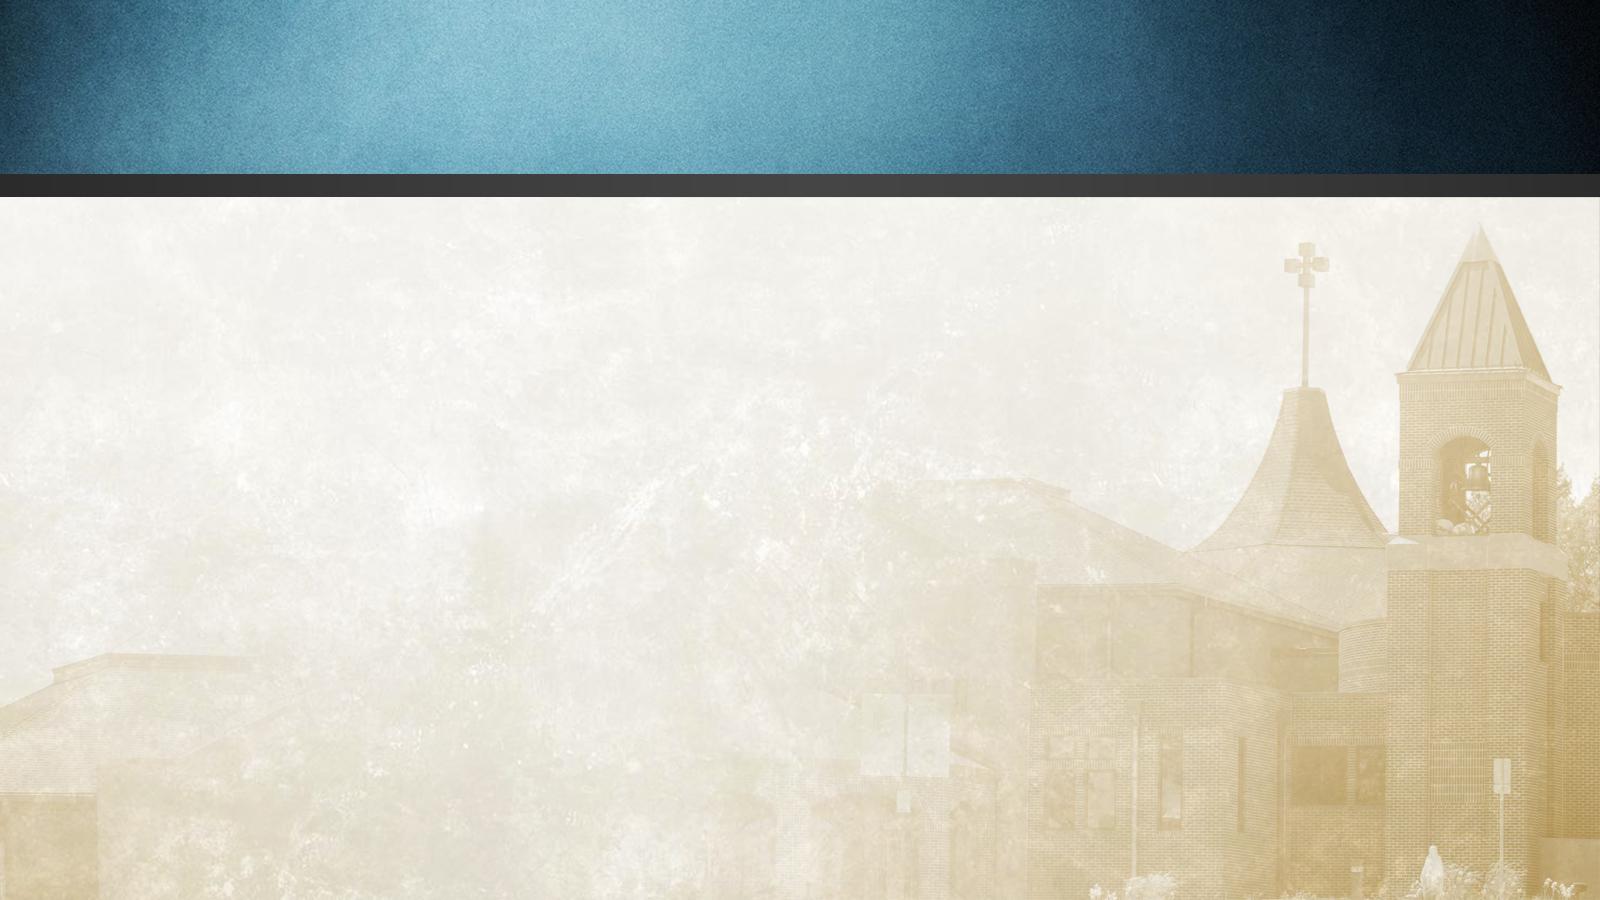 church website backgrounds